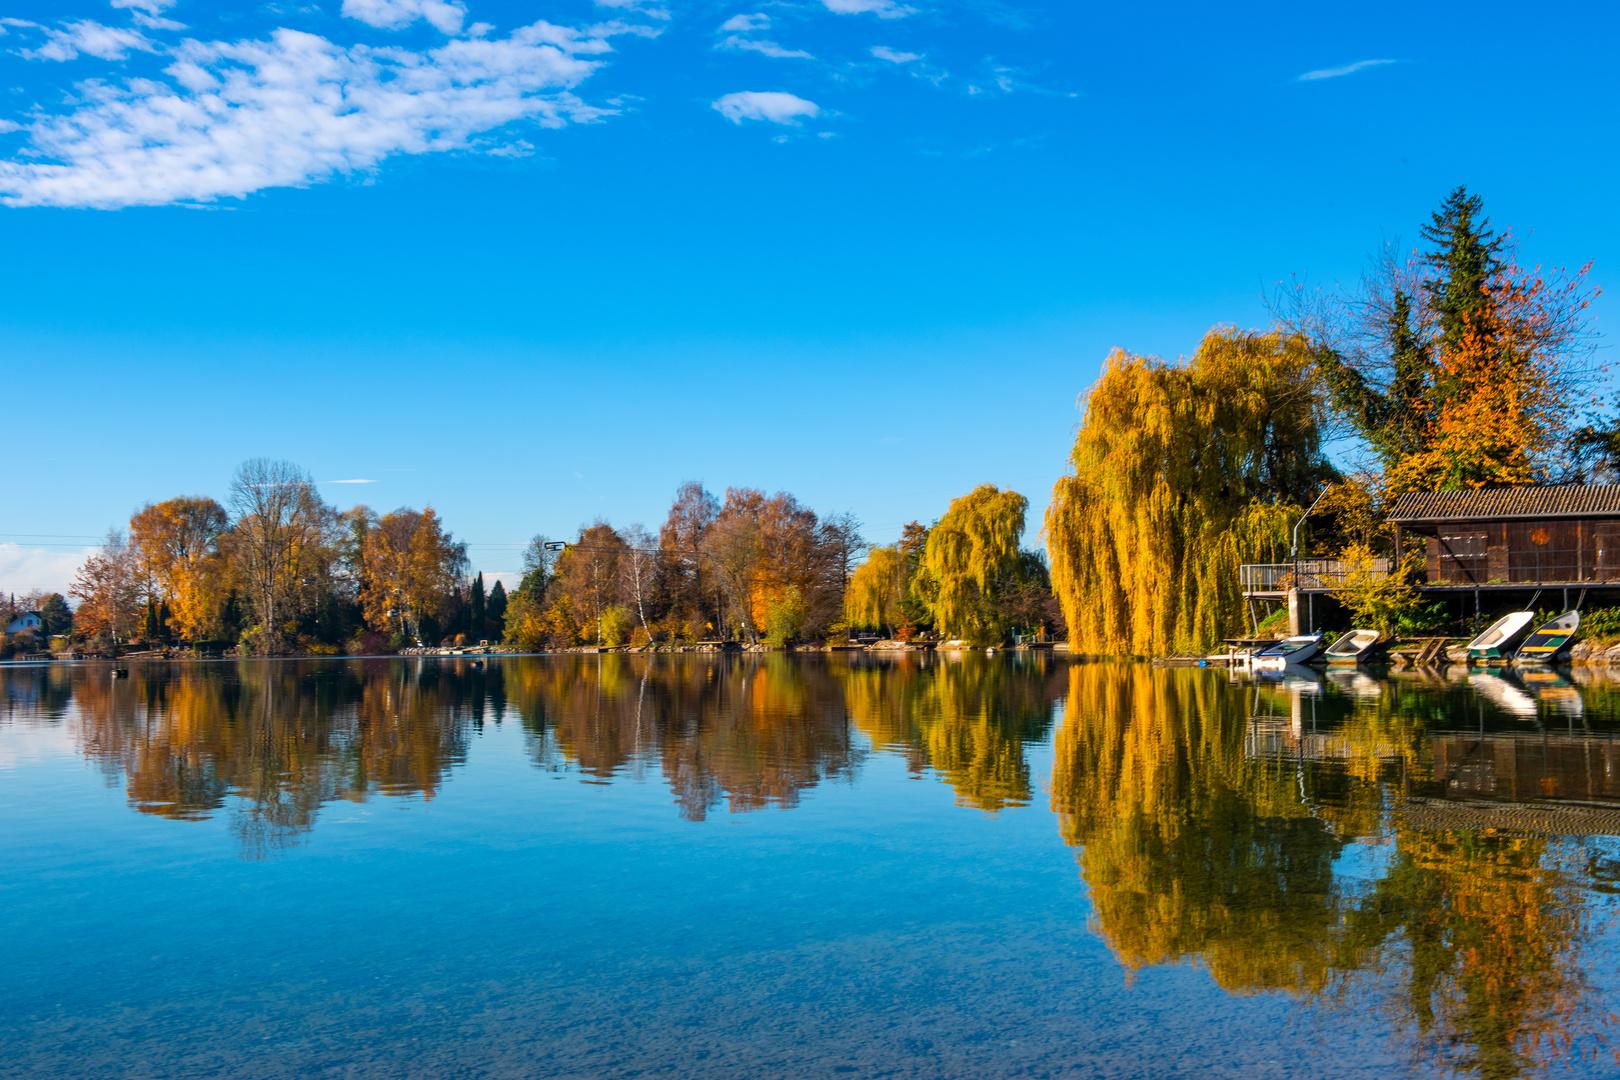 Bei uns daheim - Friedberger See